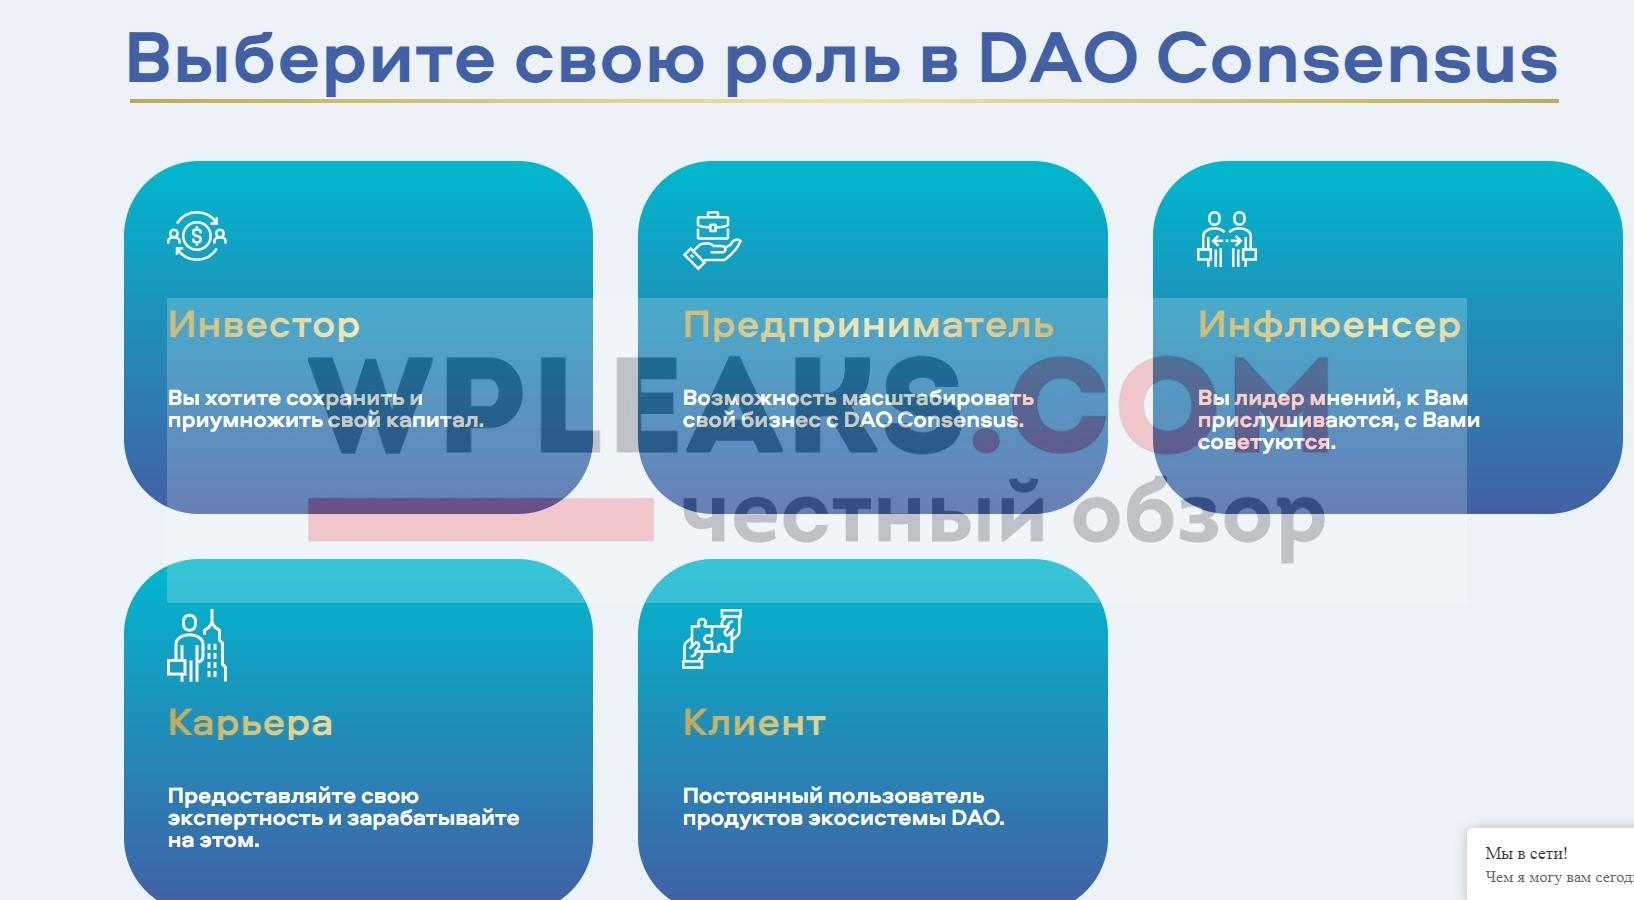 daoconsensus.com обзор